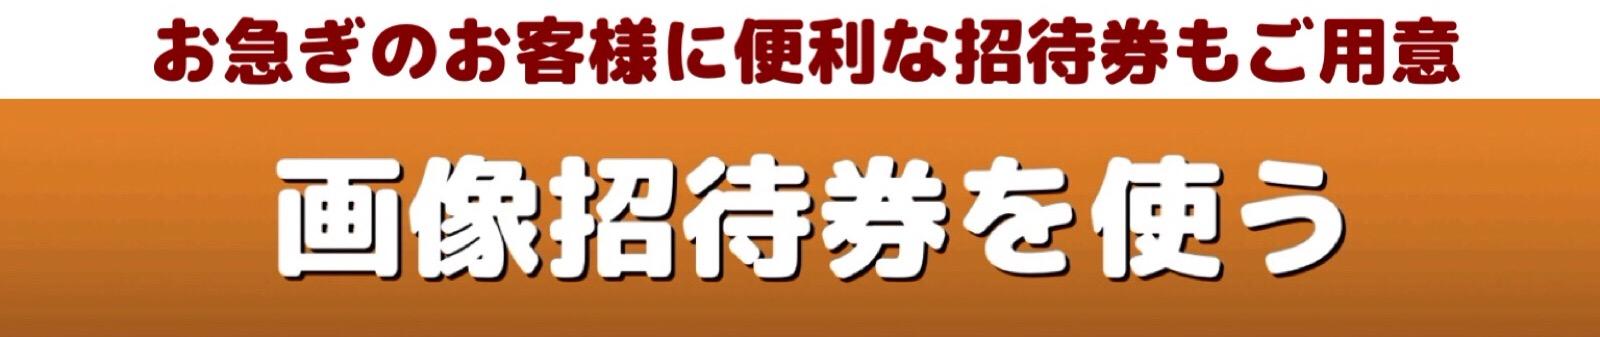 ソメイユ横浜特別招待券